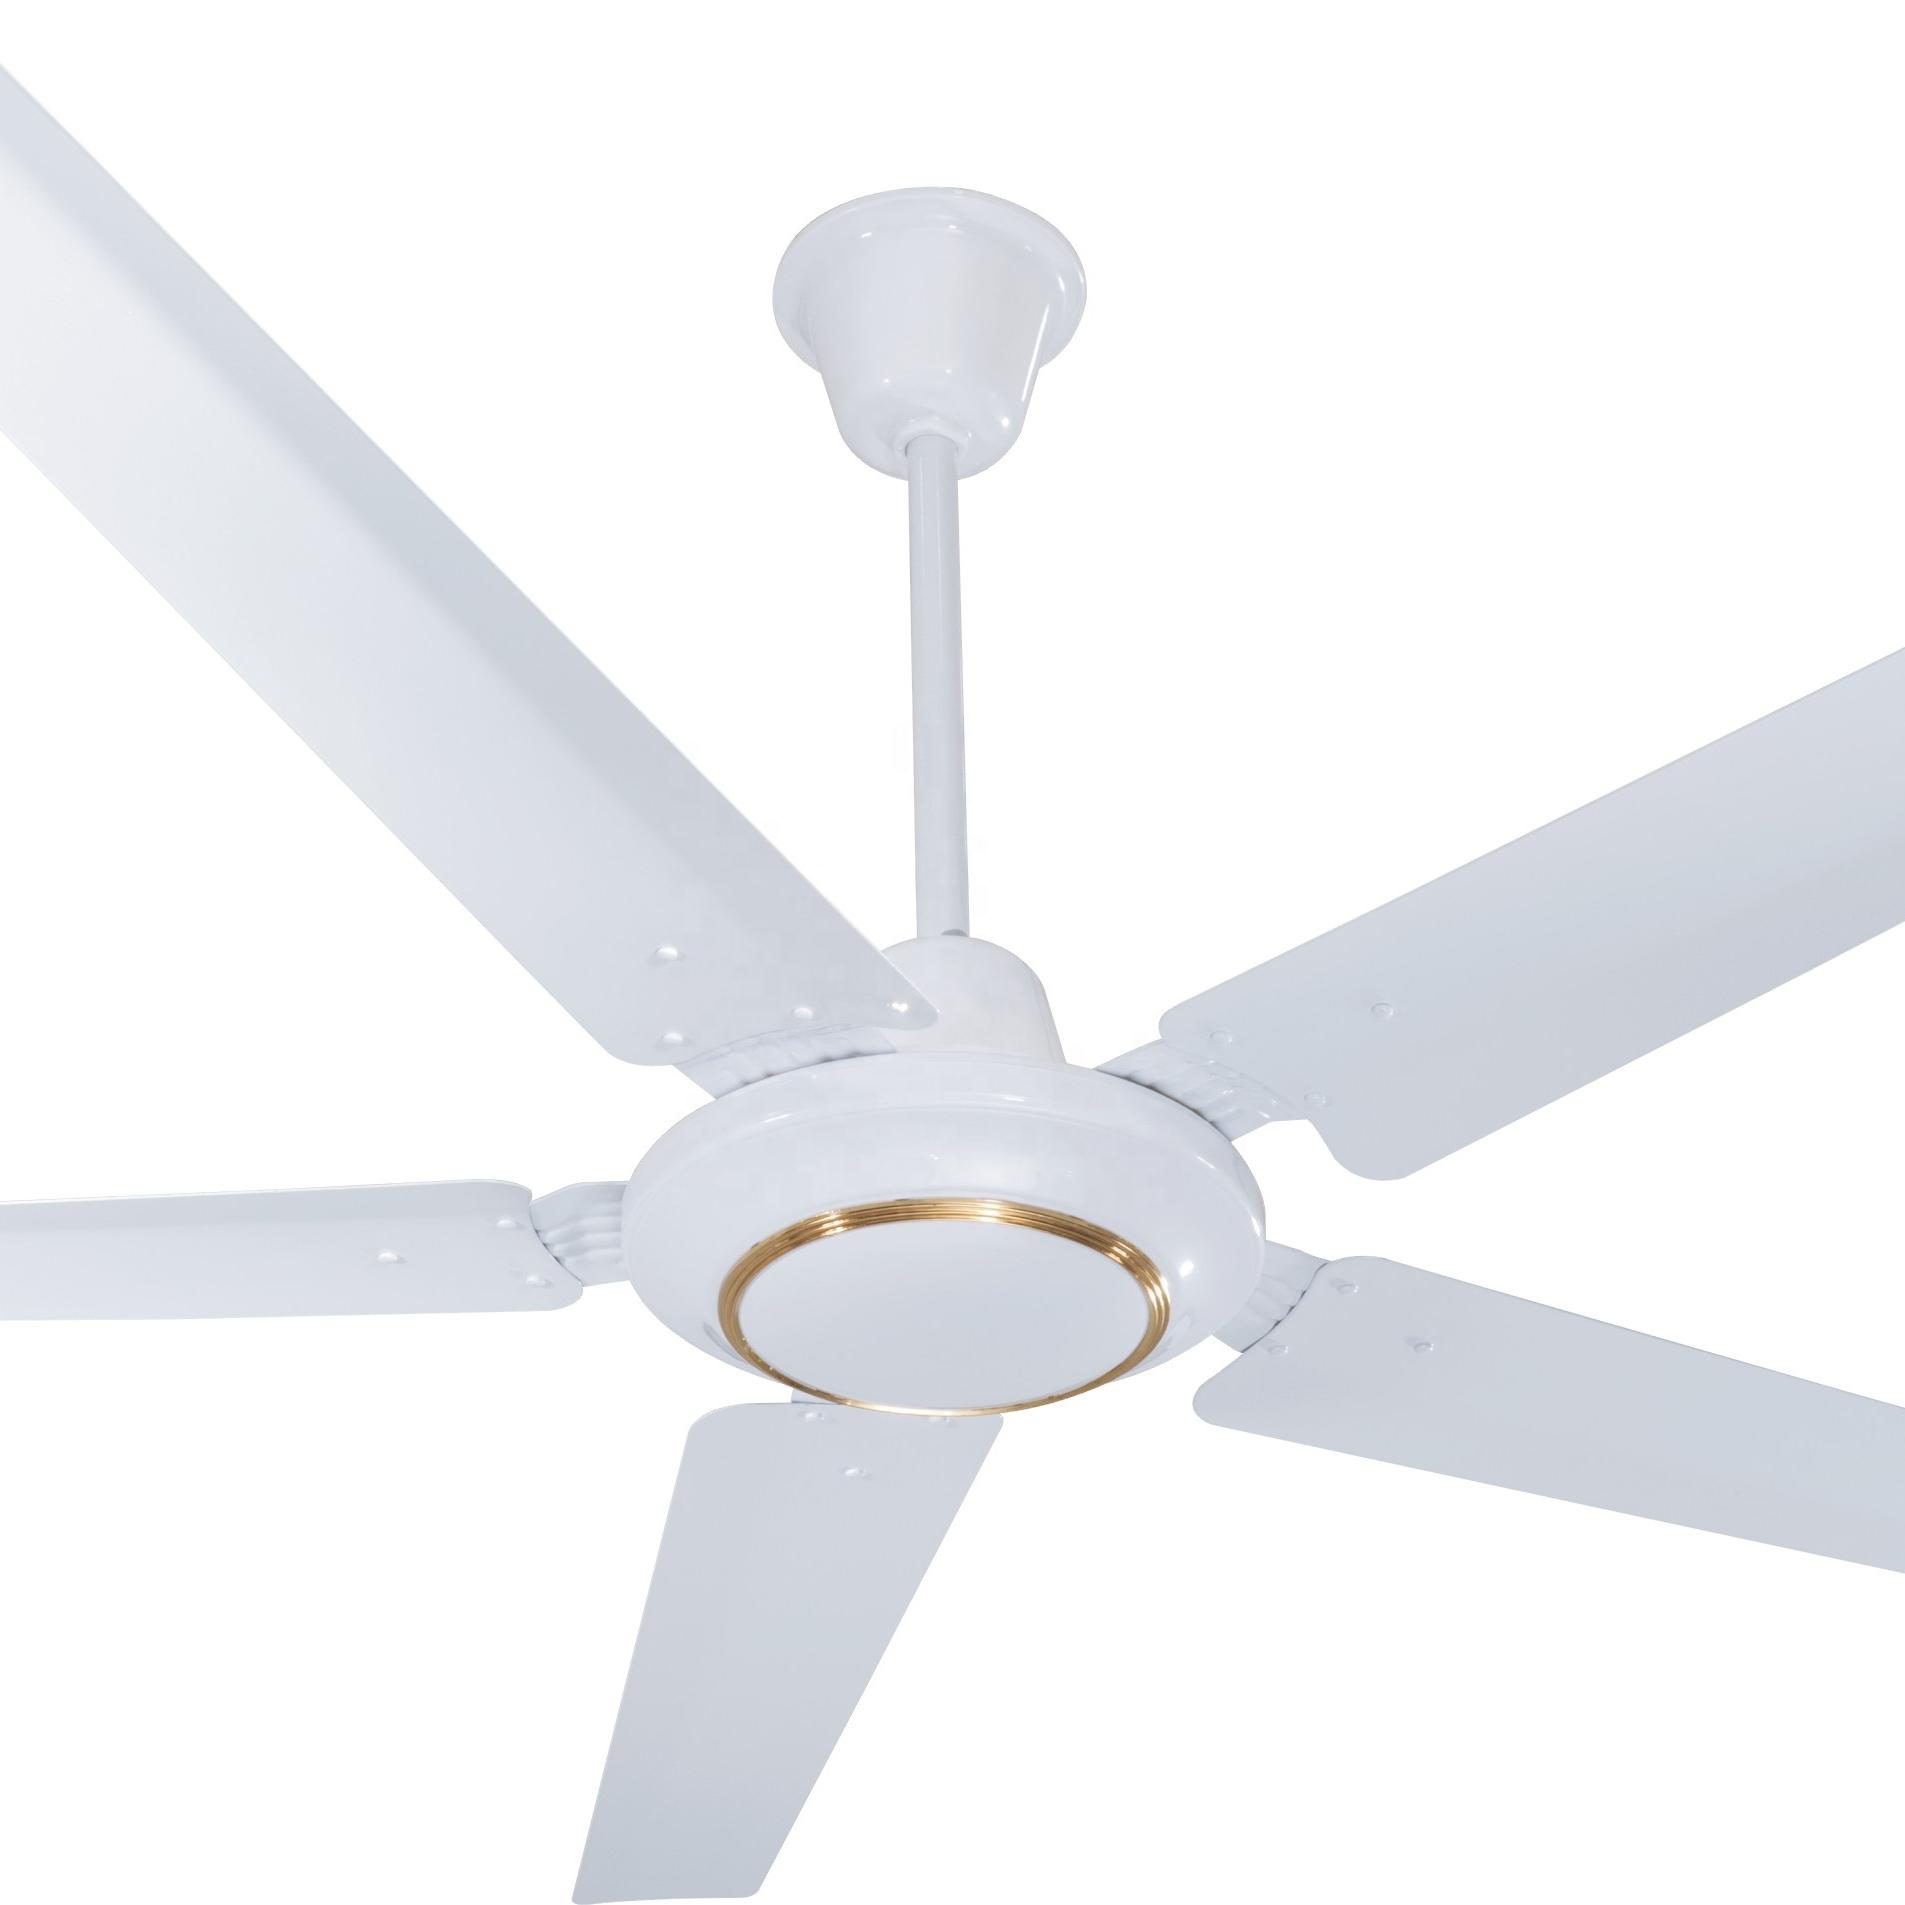 Venta al por mayor ventiladores de techo automaticos Compre